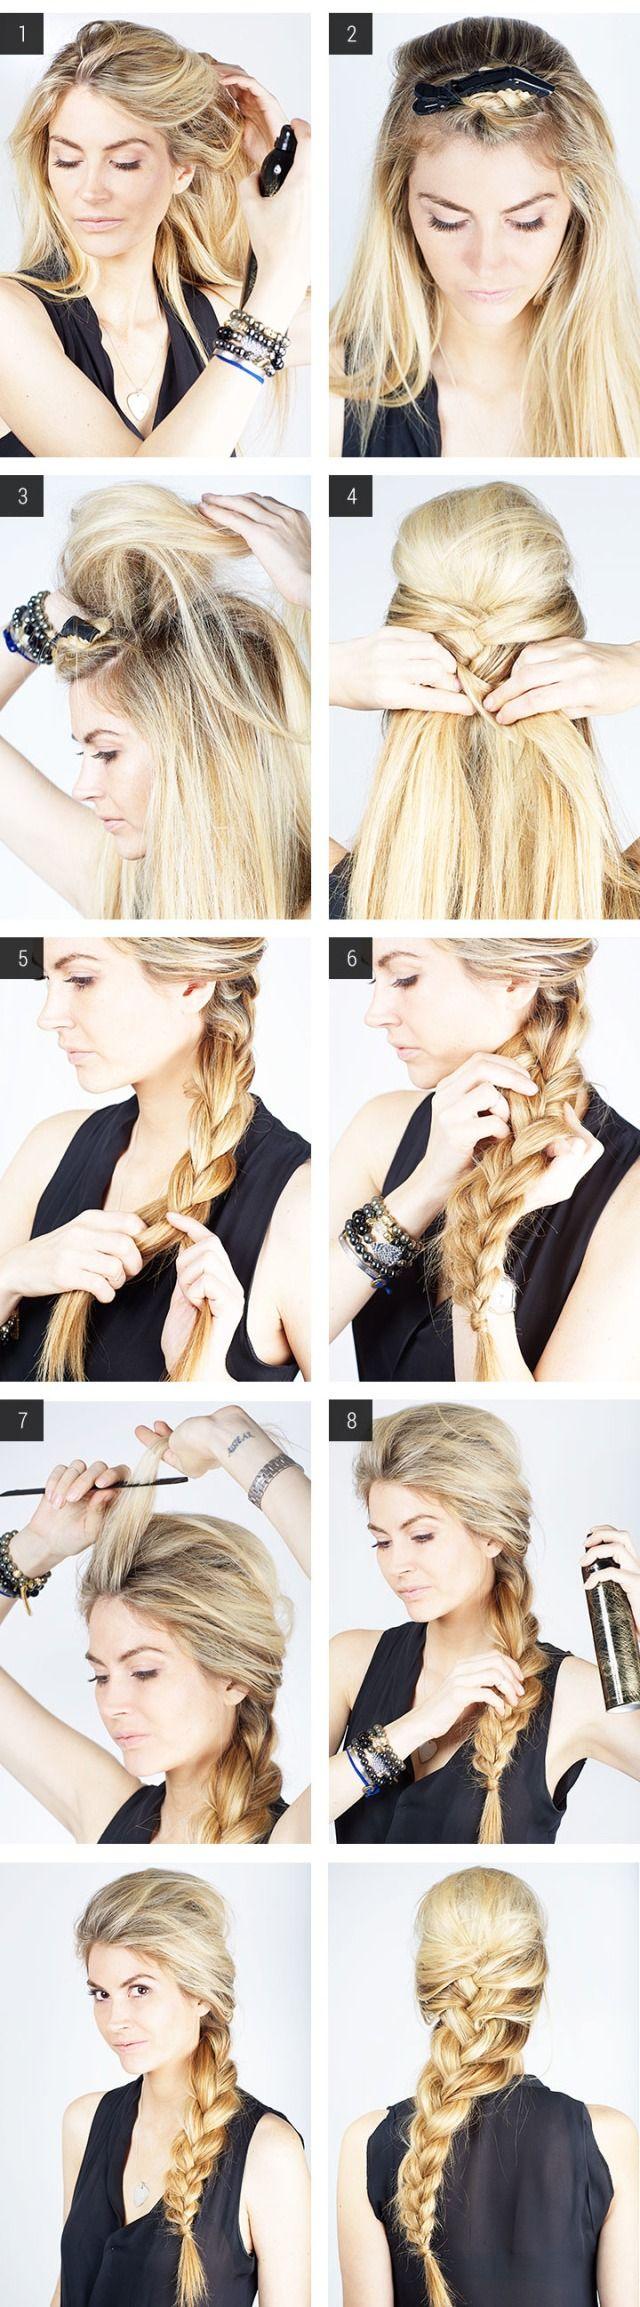 Классические прически на длинные волосы своими руками 6